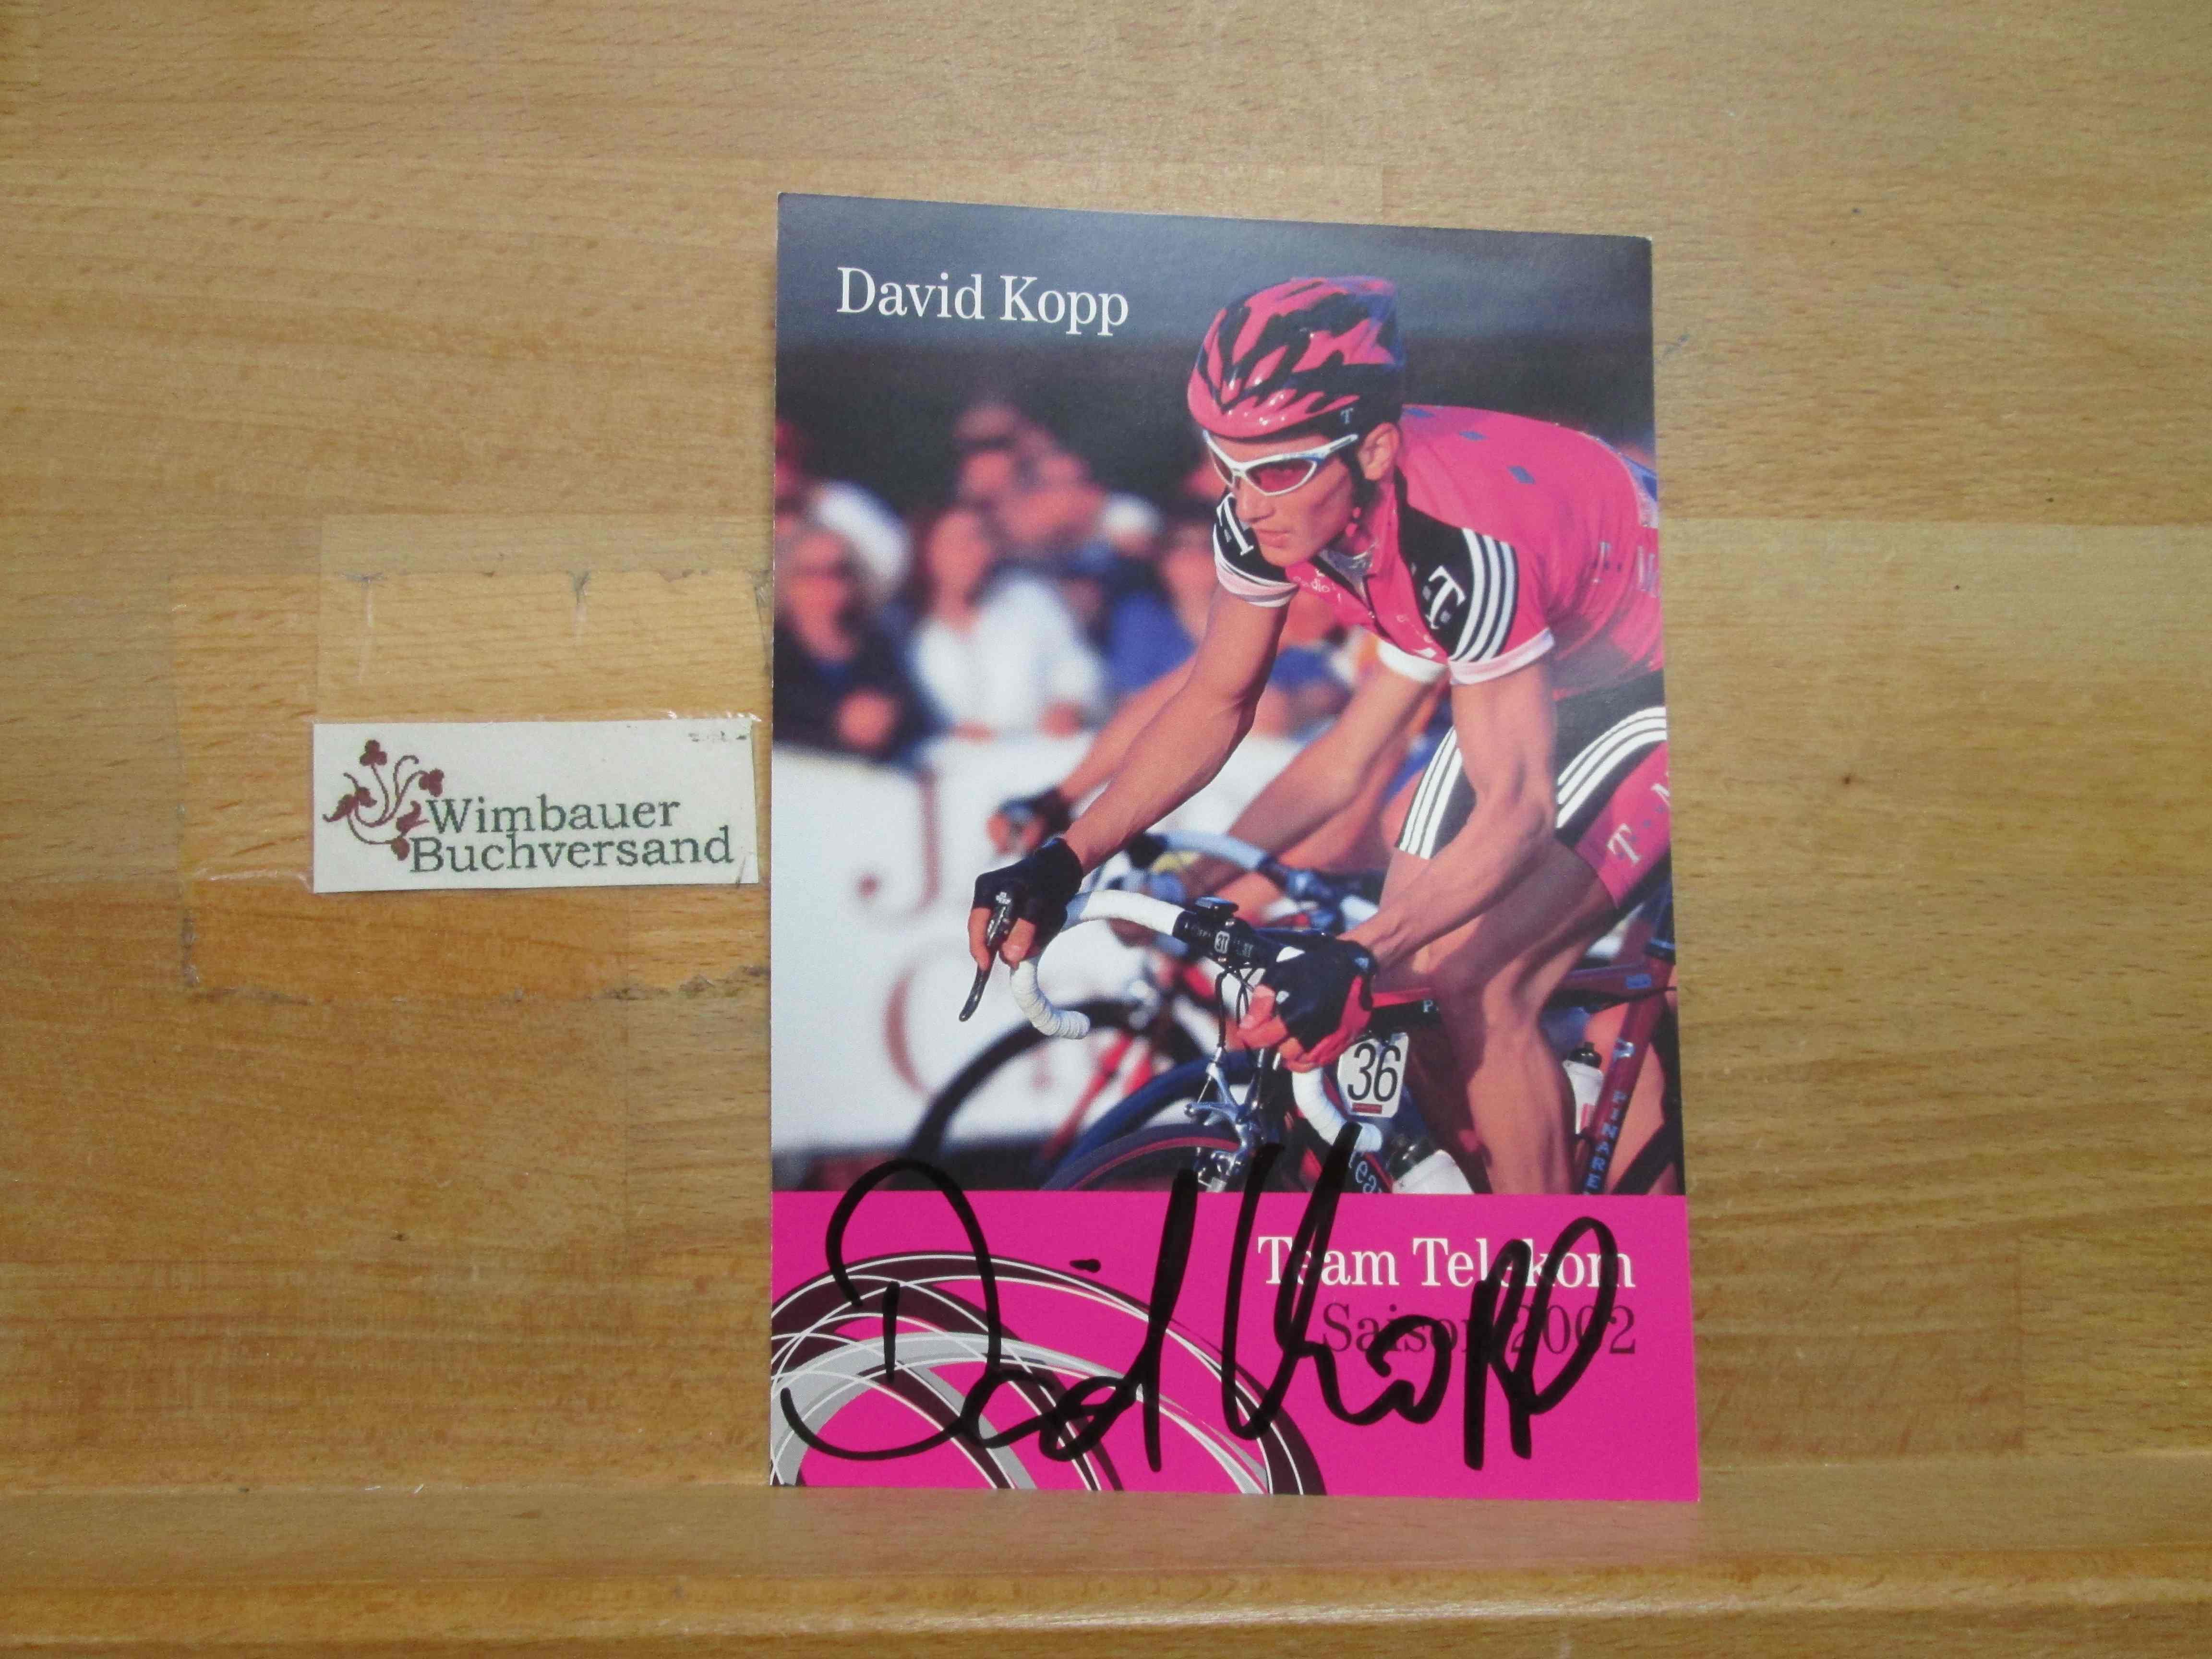 Original Autogramm David Kopp Radsport T Mobile /// Autogramm Autograph signiert signed signee